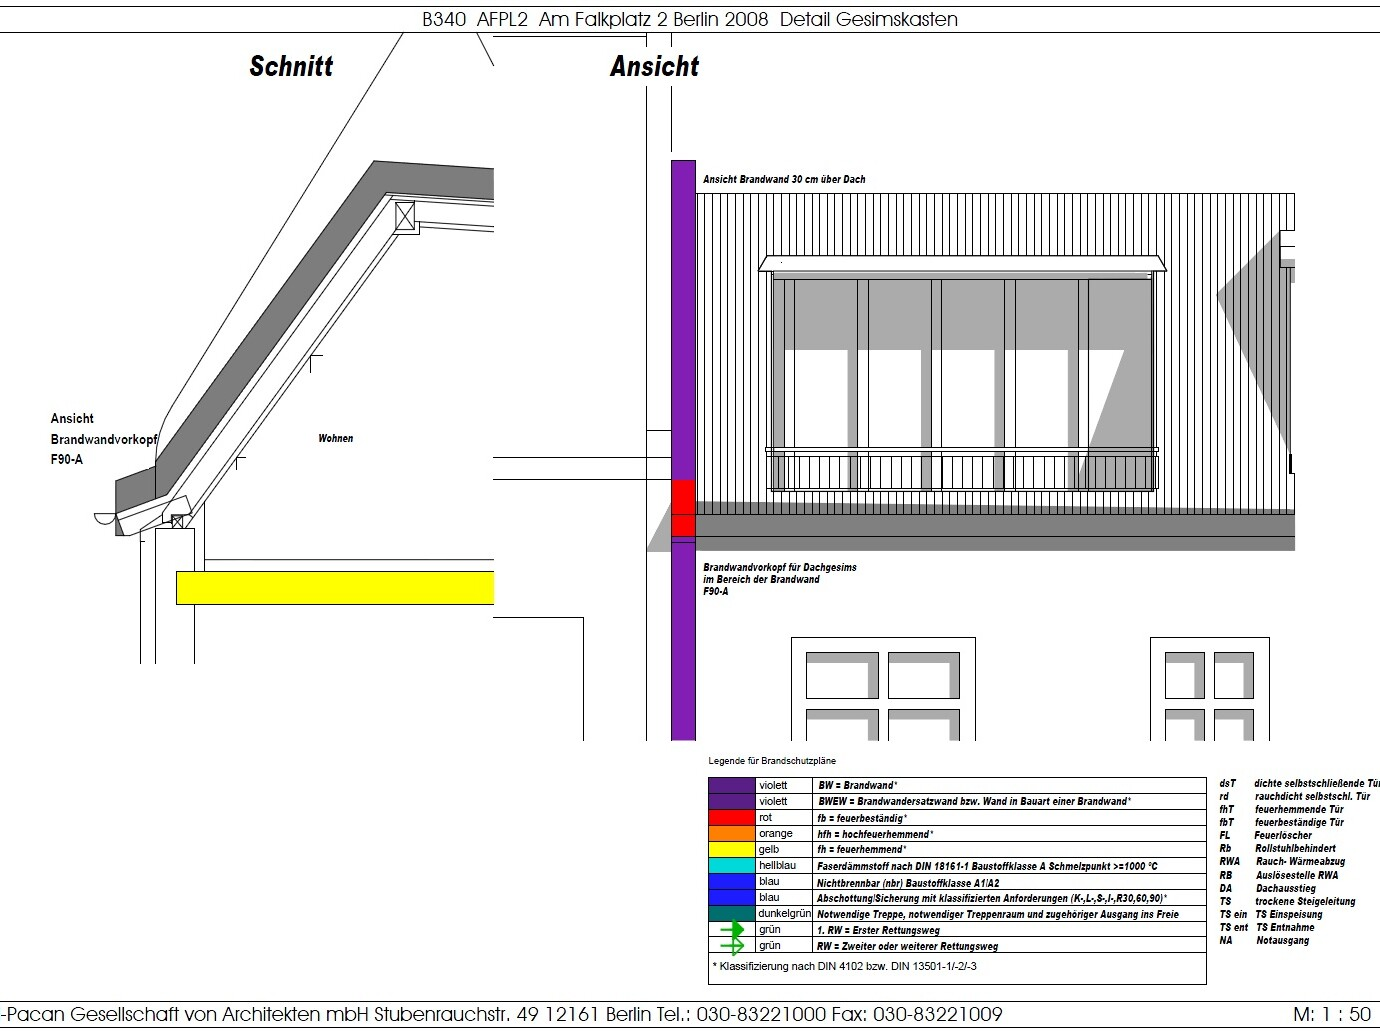 Am Falkplatz 2_Berlin-Prenzlauer Berg_Modernisierung Mehrfamilienhaus_brandschutz plus eberl-pacan_brandschutzkonzept Ansicht Schnitt